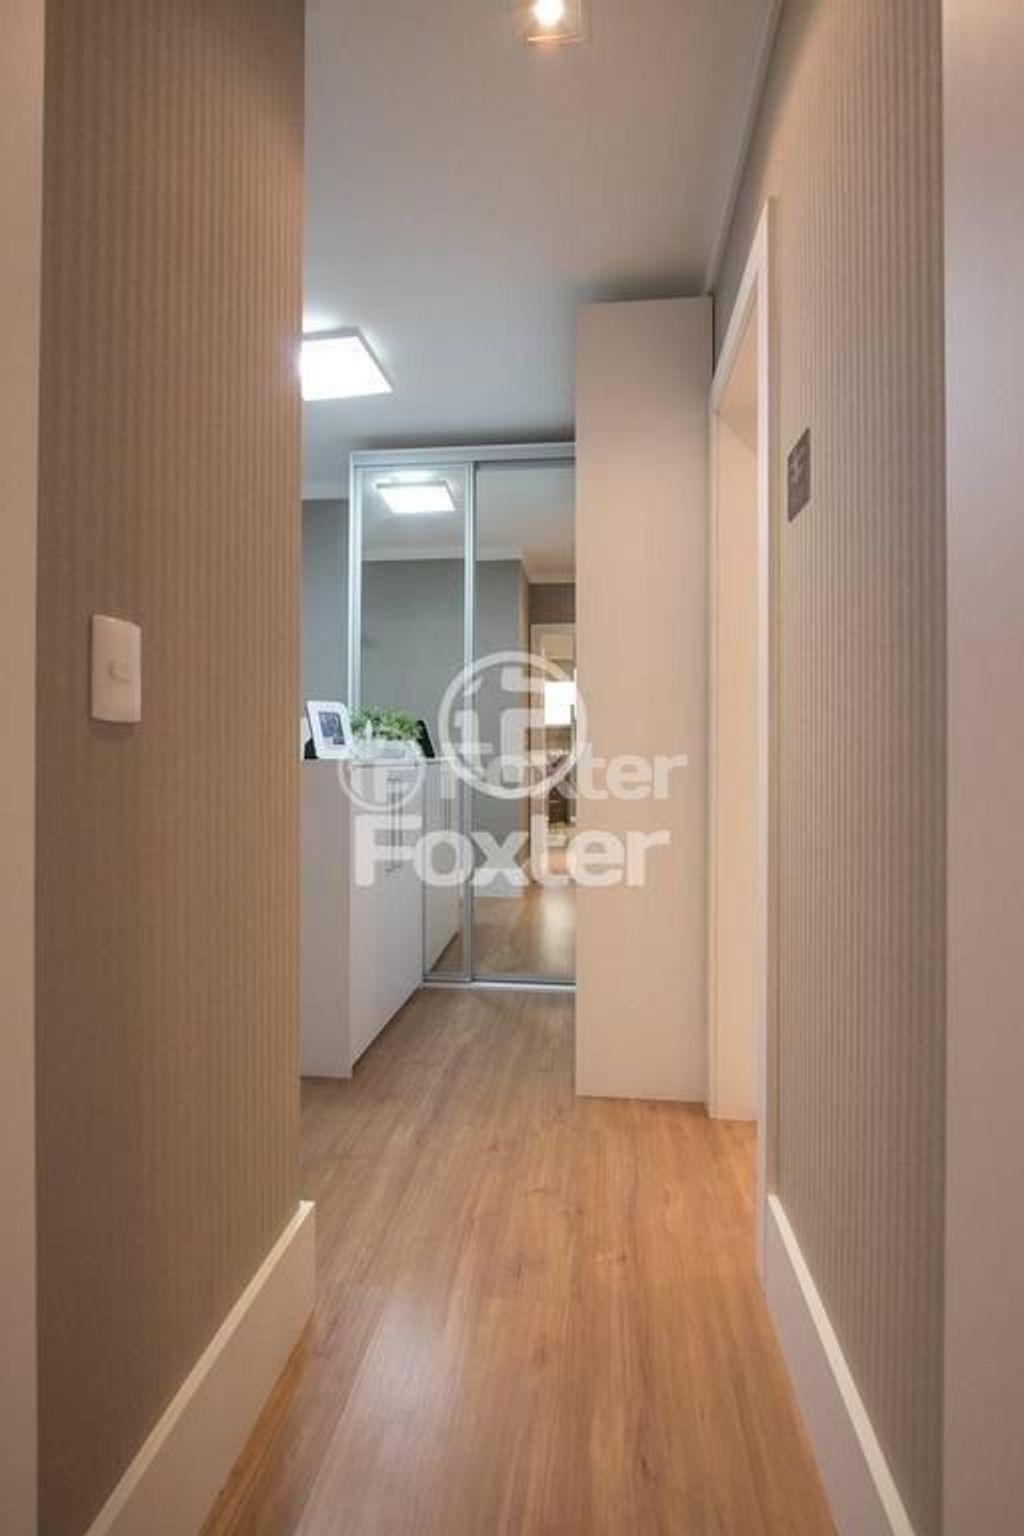 Foxter Imobiliária - Apto 2 Dorm, Vila Nova - Foto 19